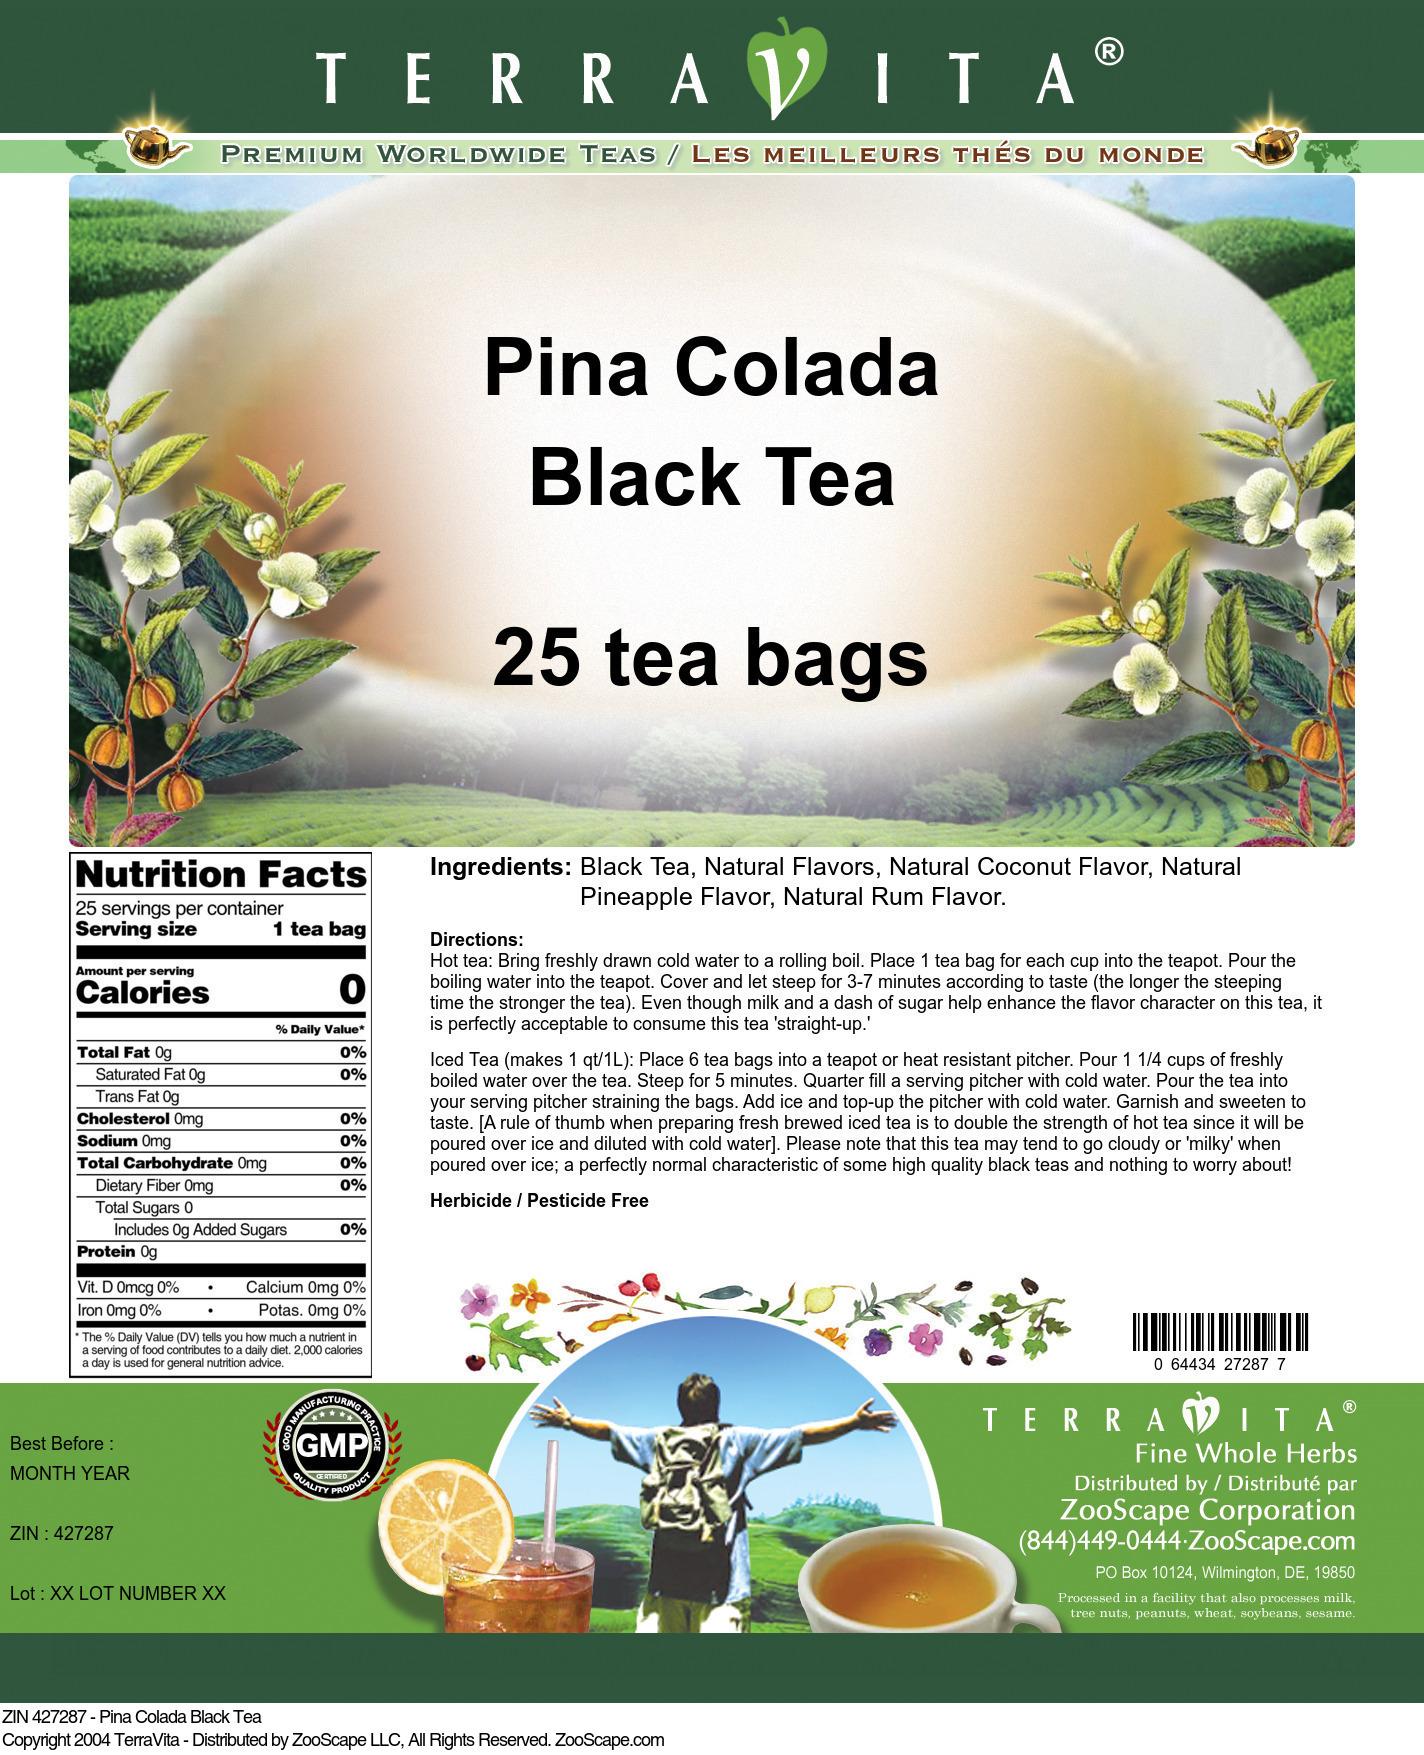 Pina Colada Black Tea